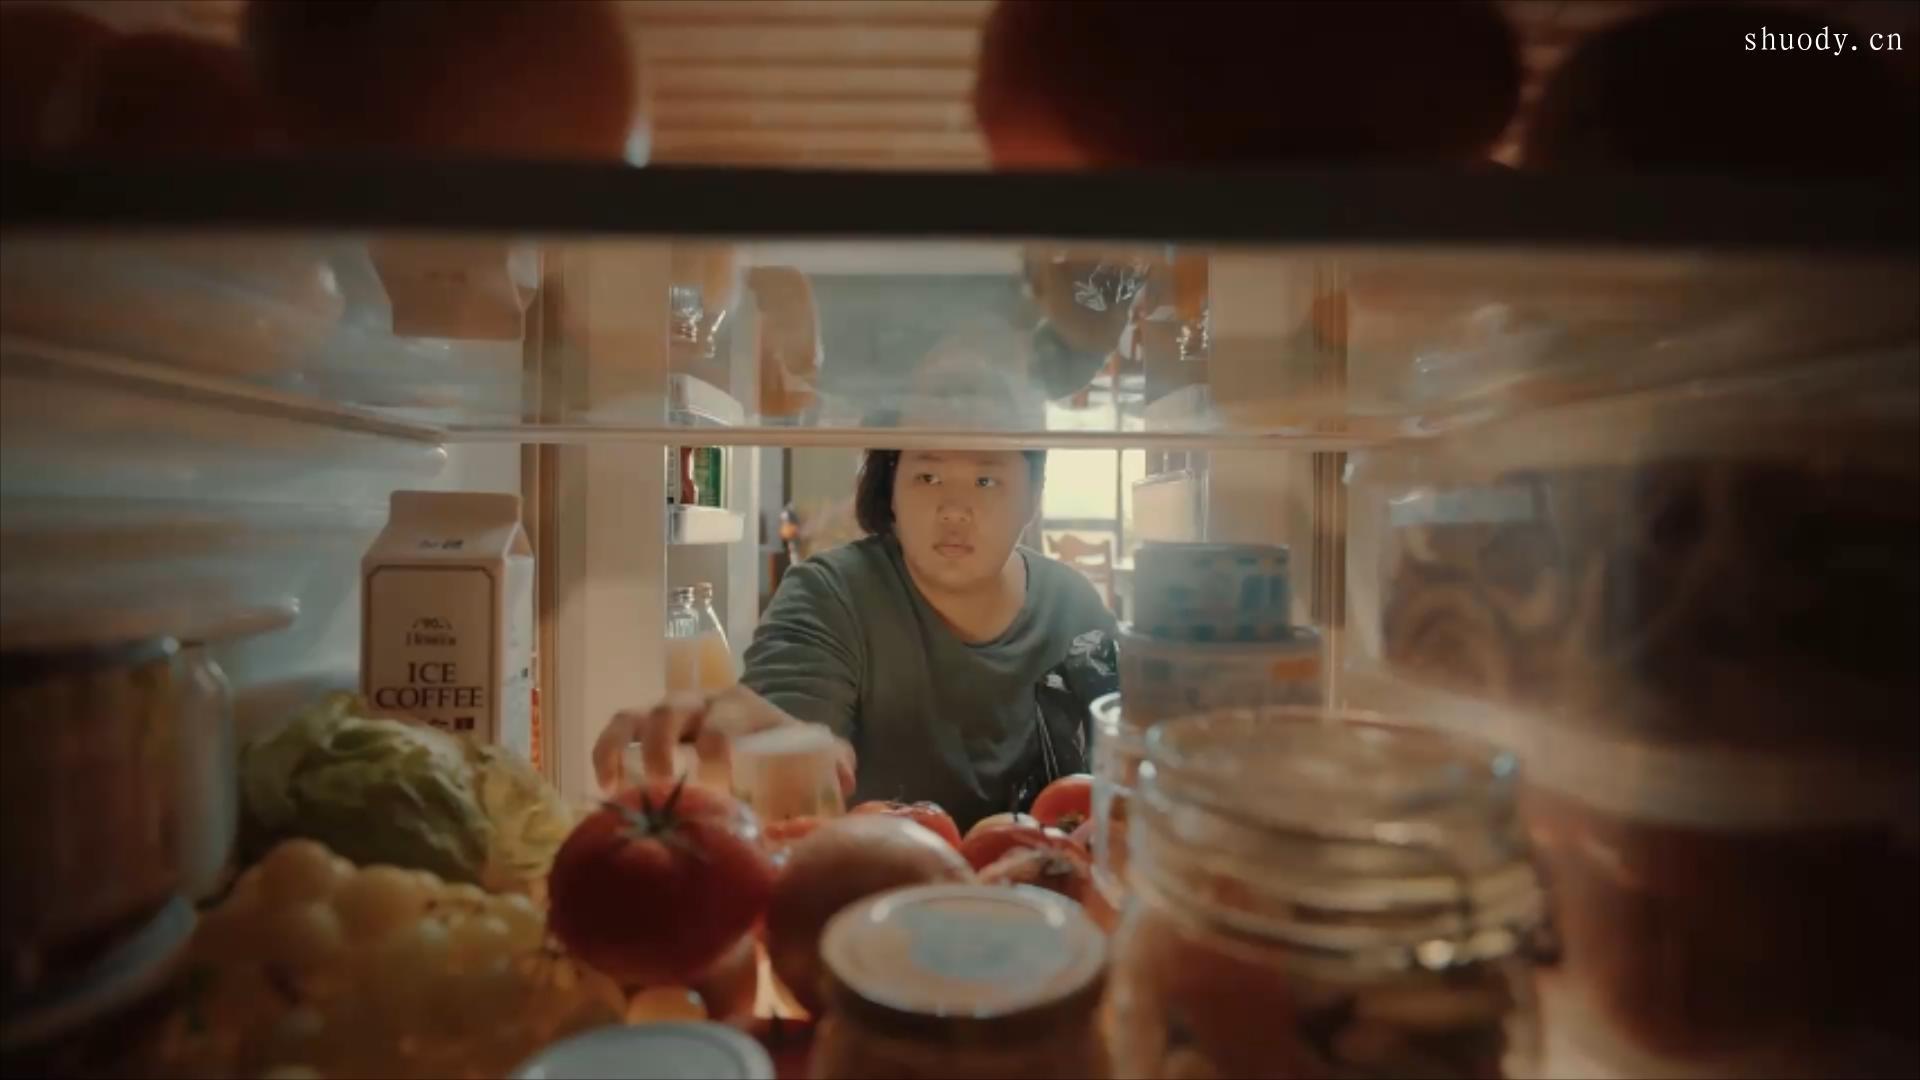 2019《大饿》2600字,8分钟剧情解说稿下载-第11张图片